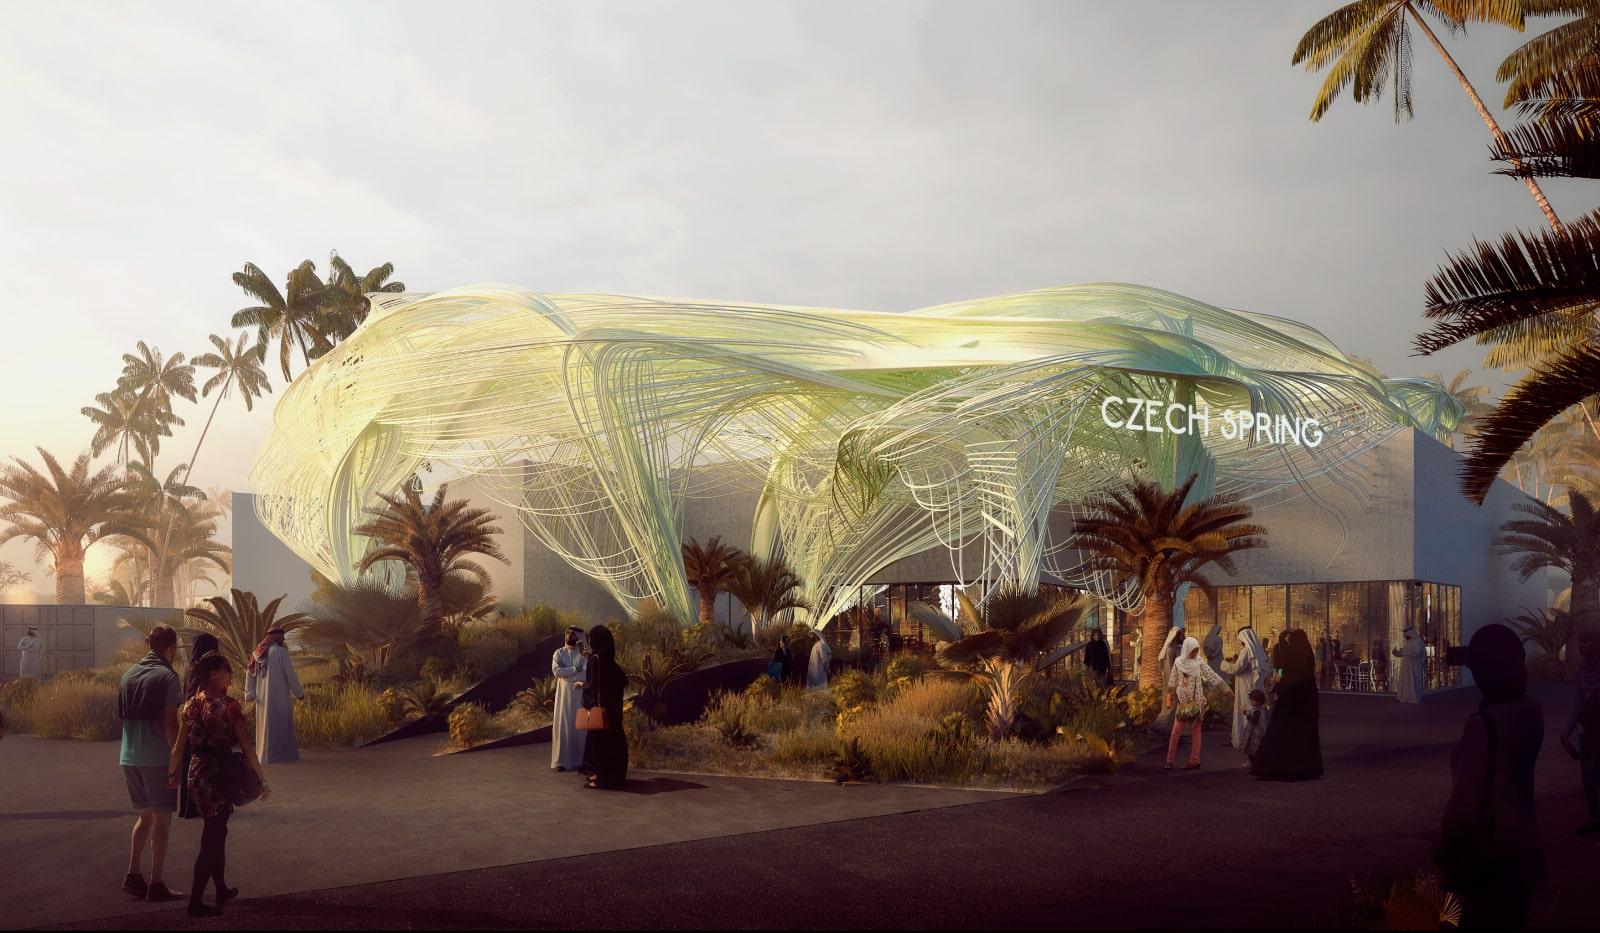 Expo 2020 Dubai - Czech Spring